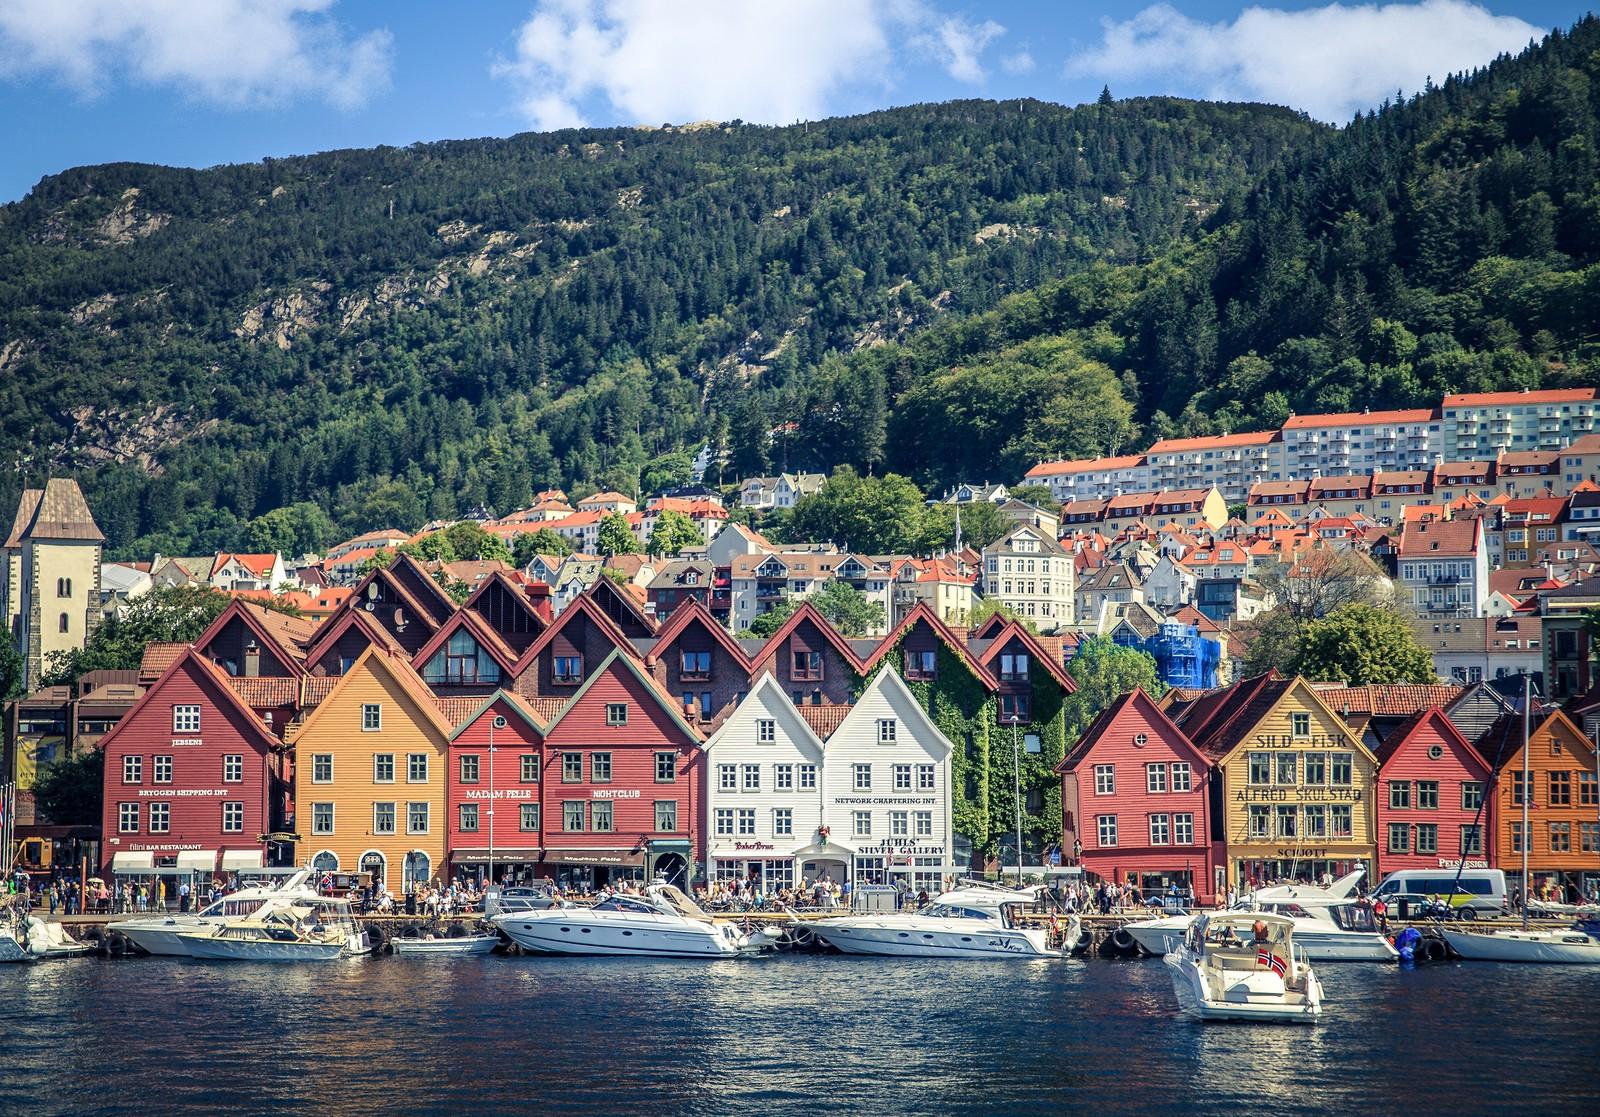 Bergen er 3. mest søkte feriedestinasjon for turister fra Europa, Midtøsten, Afrika og Nord-Amerika, ifølge en søkerstatistikk fra Hotels.com.